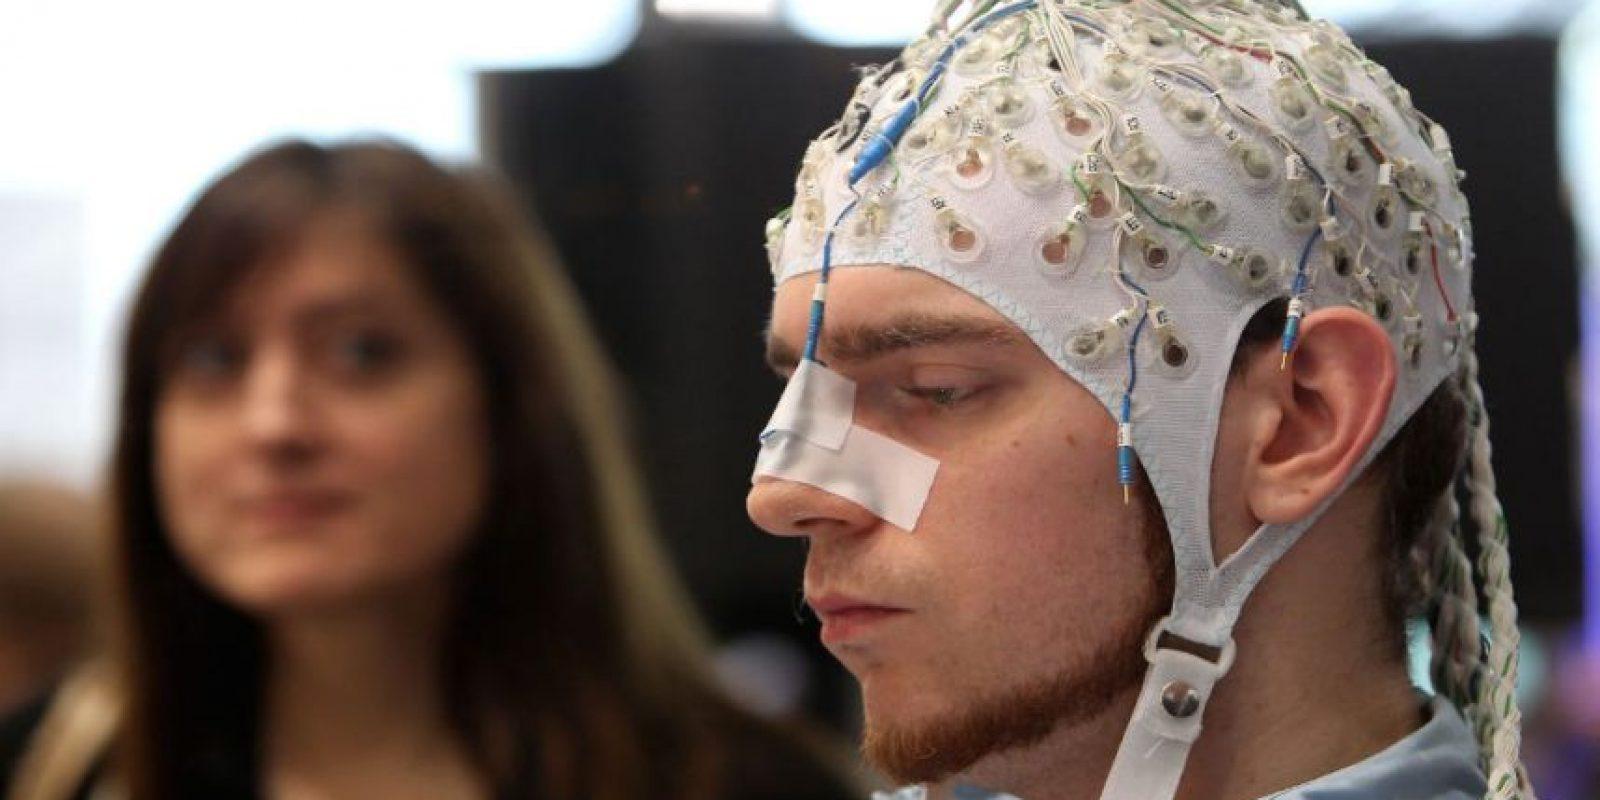 Las neurociencias se combinan con la psicología para crear la neurociencia cognitiva, una disciplina que al principio fue dominada por psicólogos cognitivos Foto:Getty Images